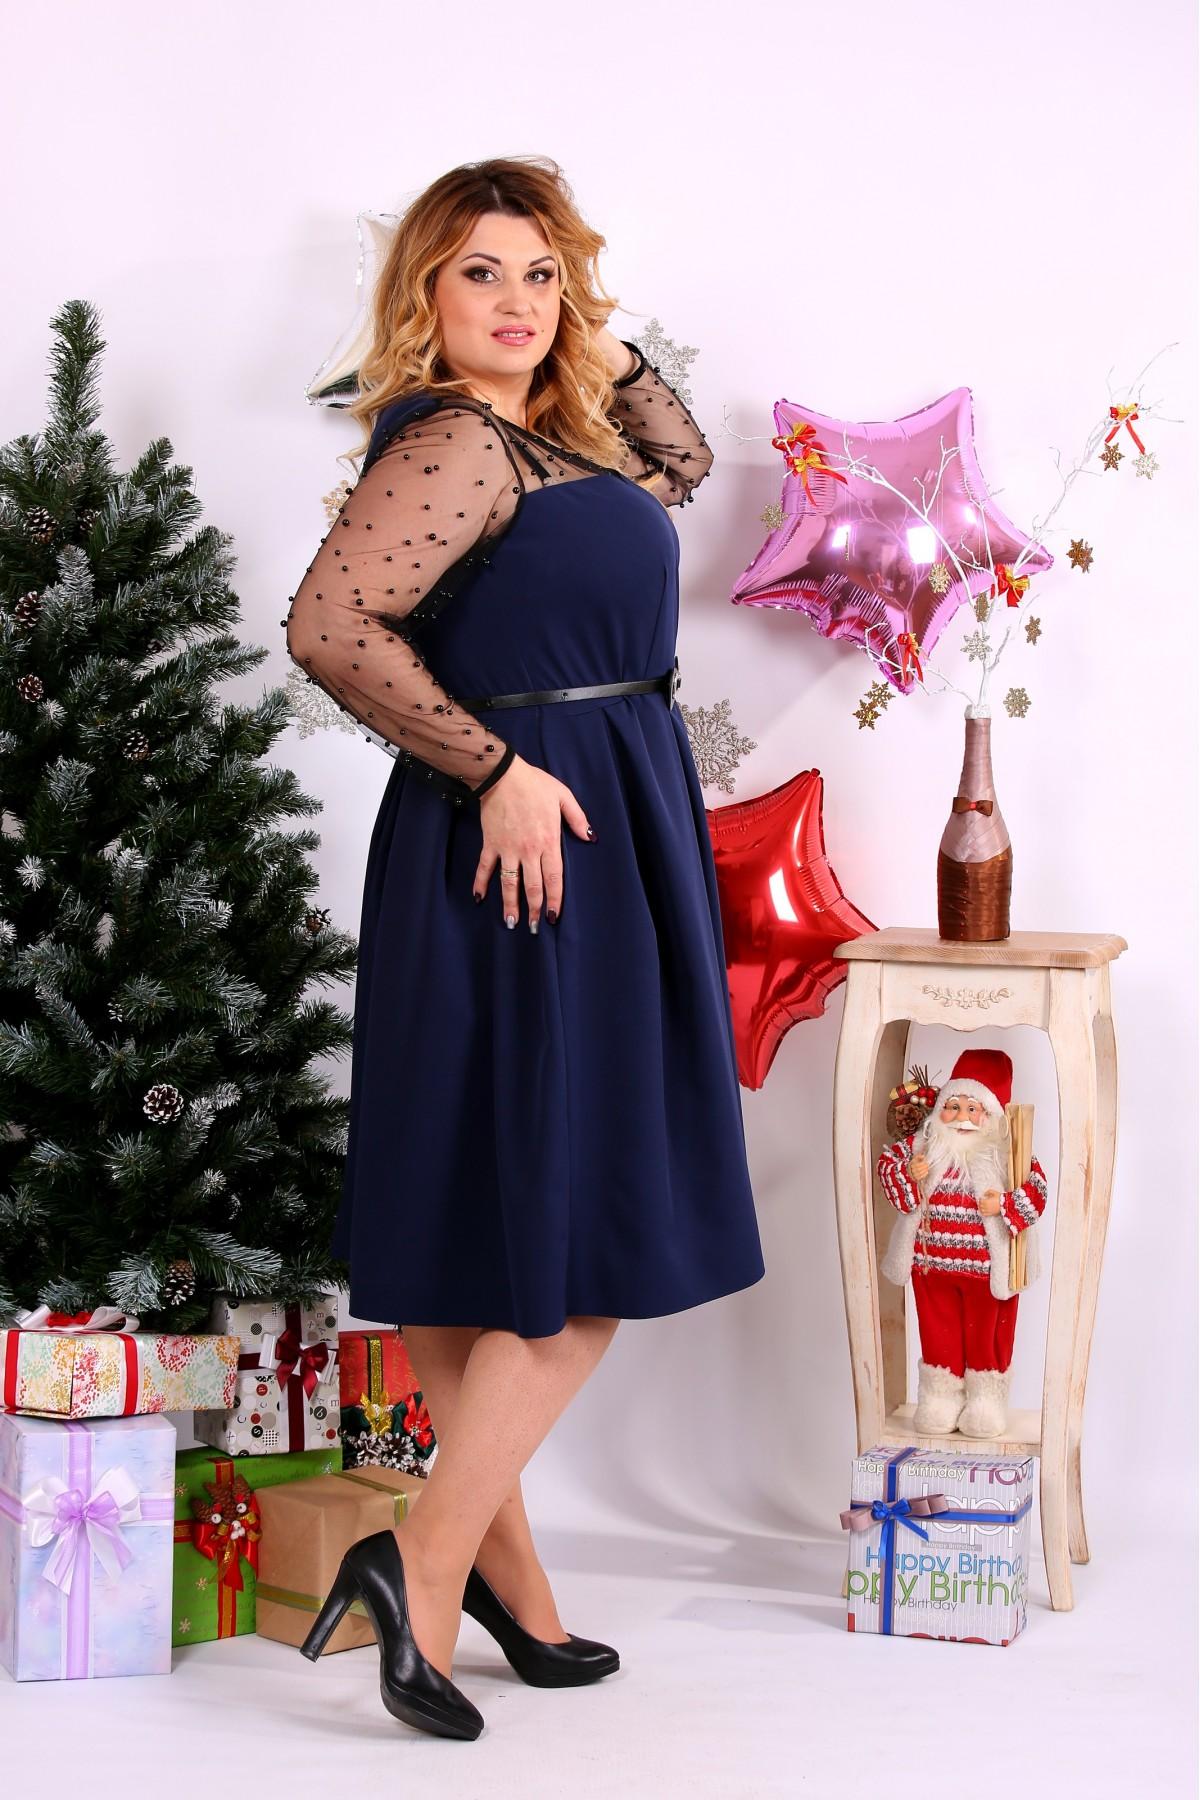 ... Фото Синє плаття з намистинками  b3c3fa7abd9b2